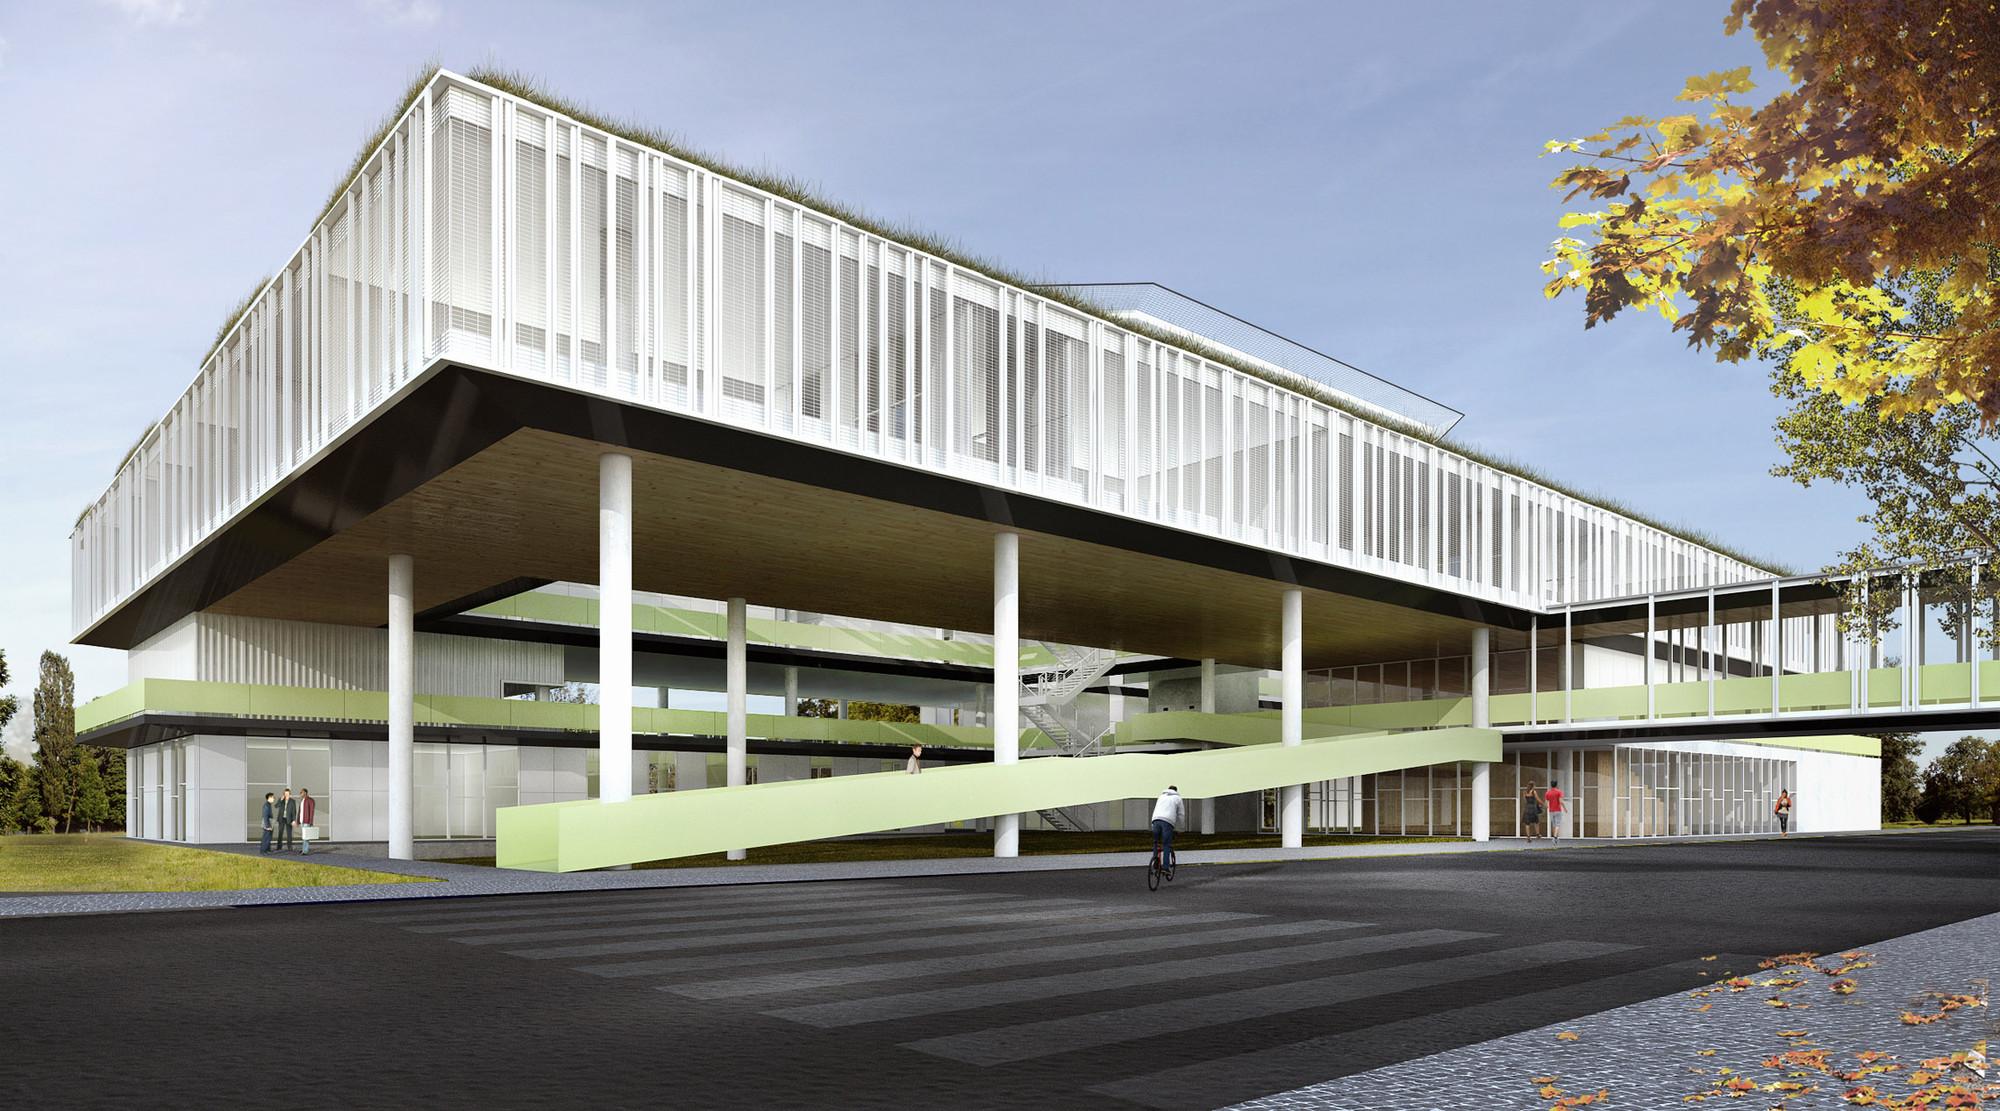 Proposta para o Concurso Anexo da Câmara Municipal de Porto Alegre / Brandão Gabriele Arquitetos, Cortesia de Brandão Gabriele Arquitetos